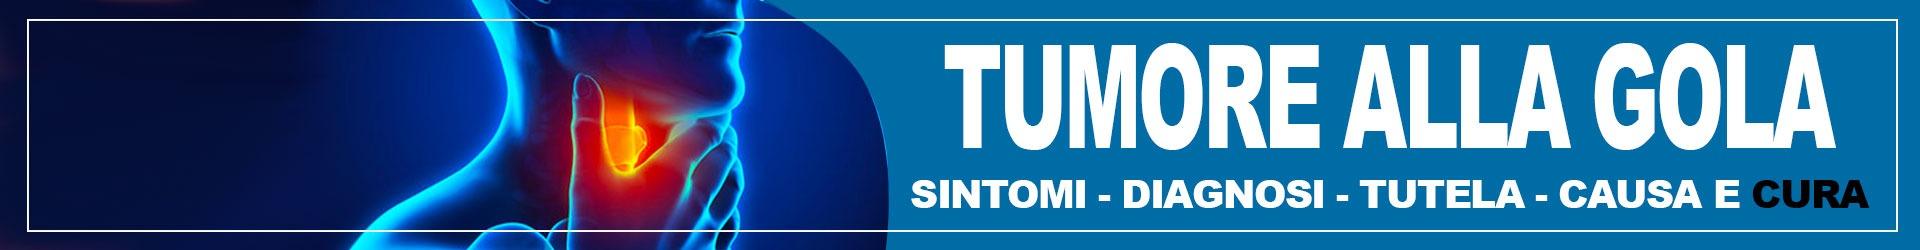 tumore-alla-gola-sintomi-diagnosi-tutela-cause-e-cura